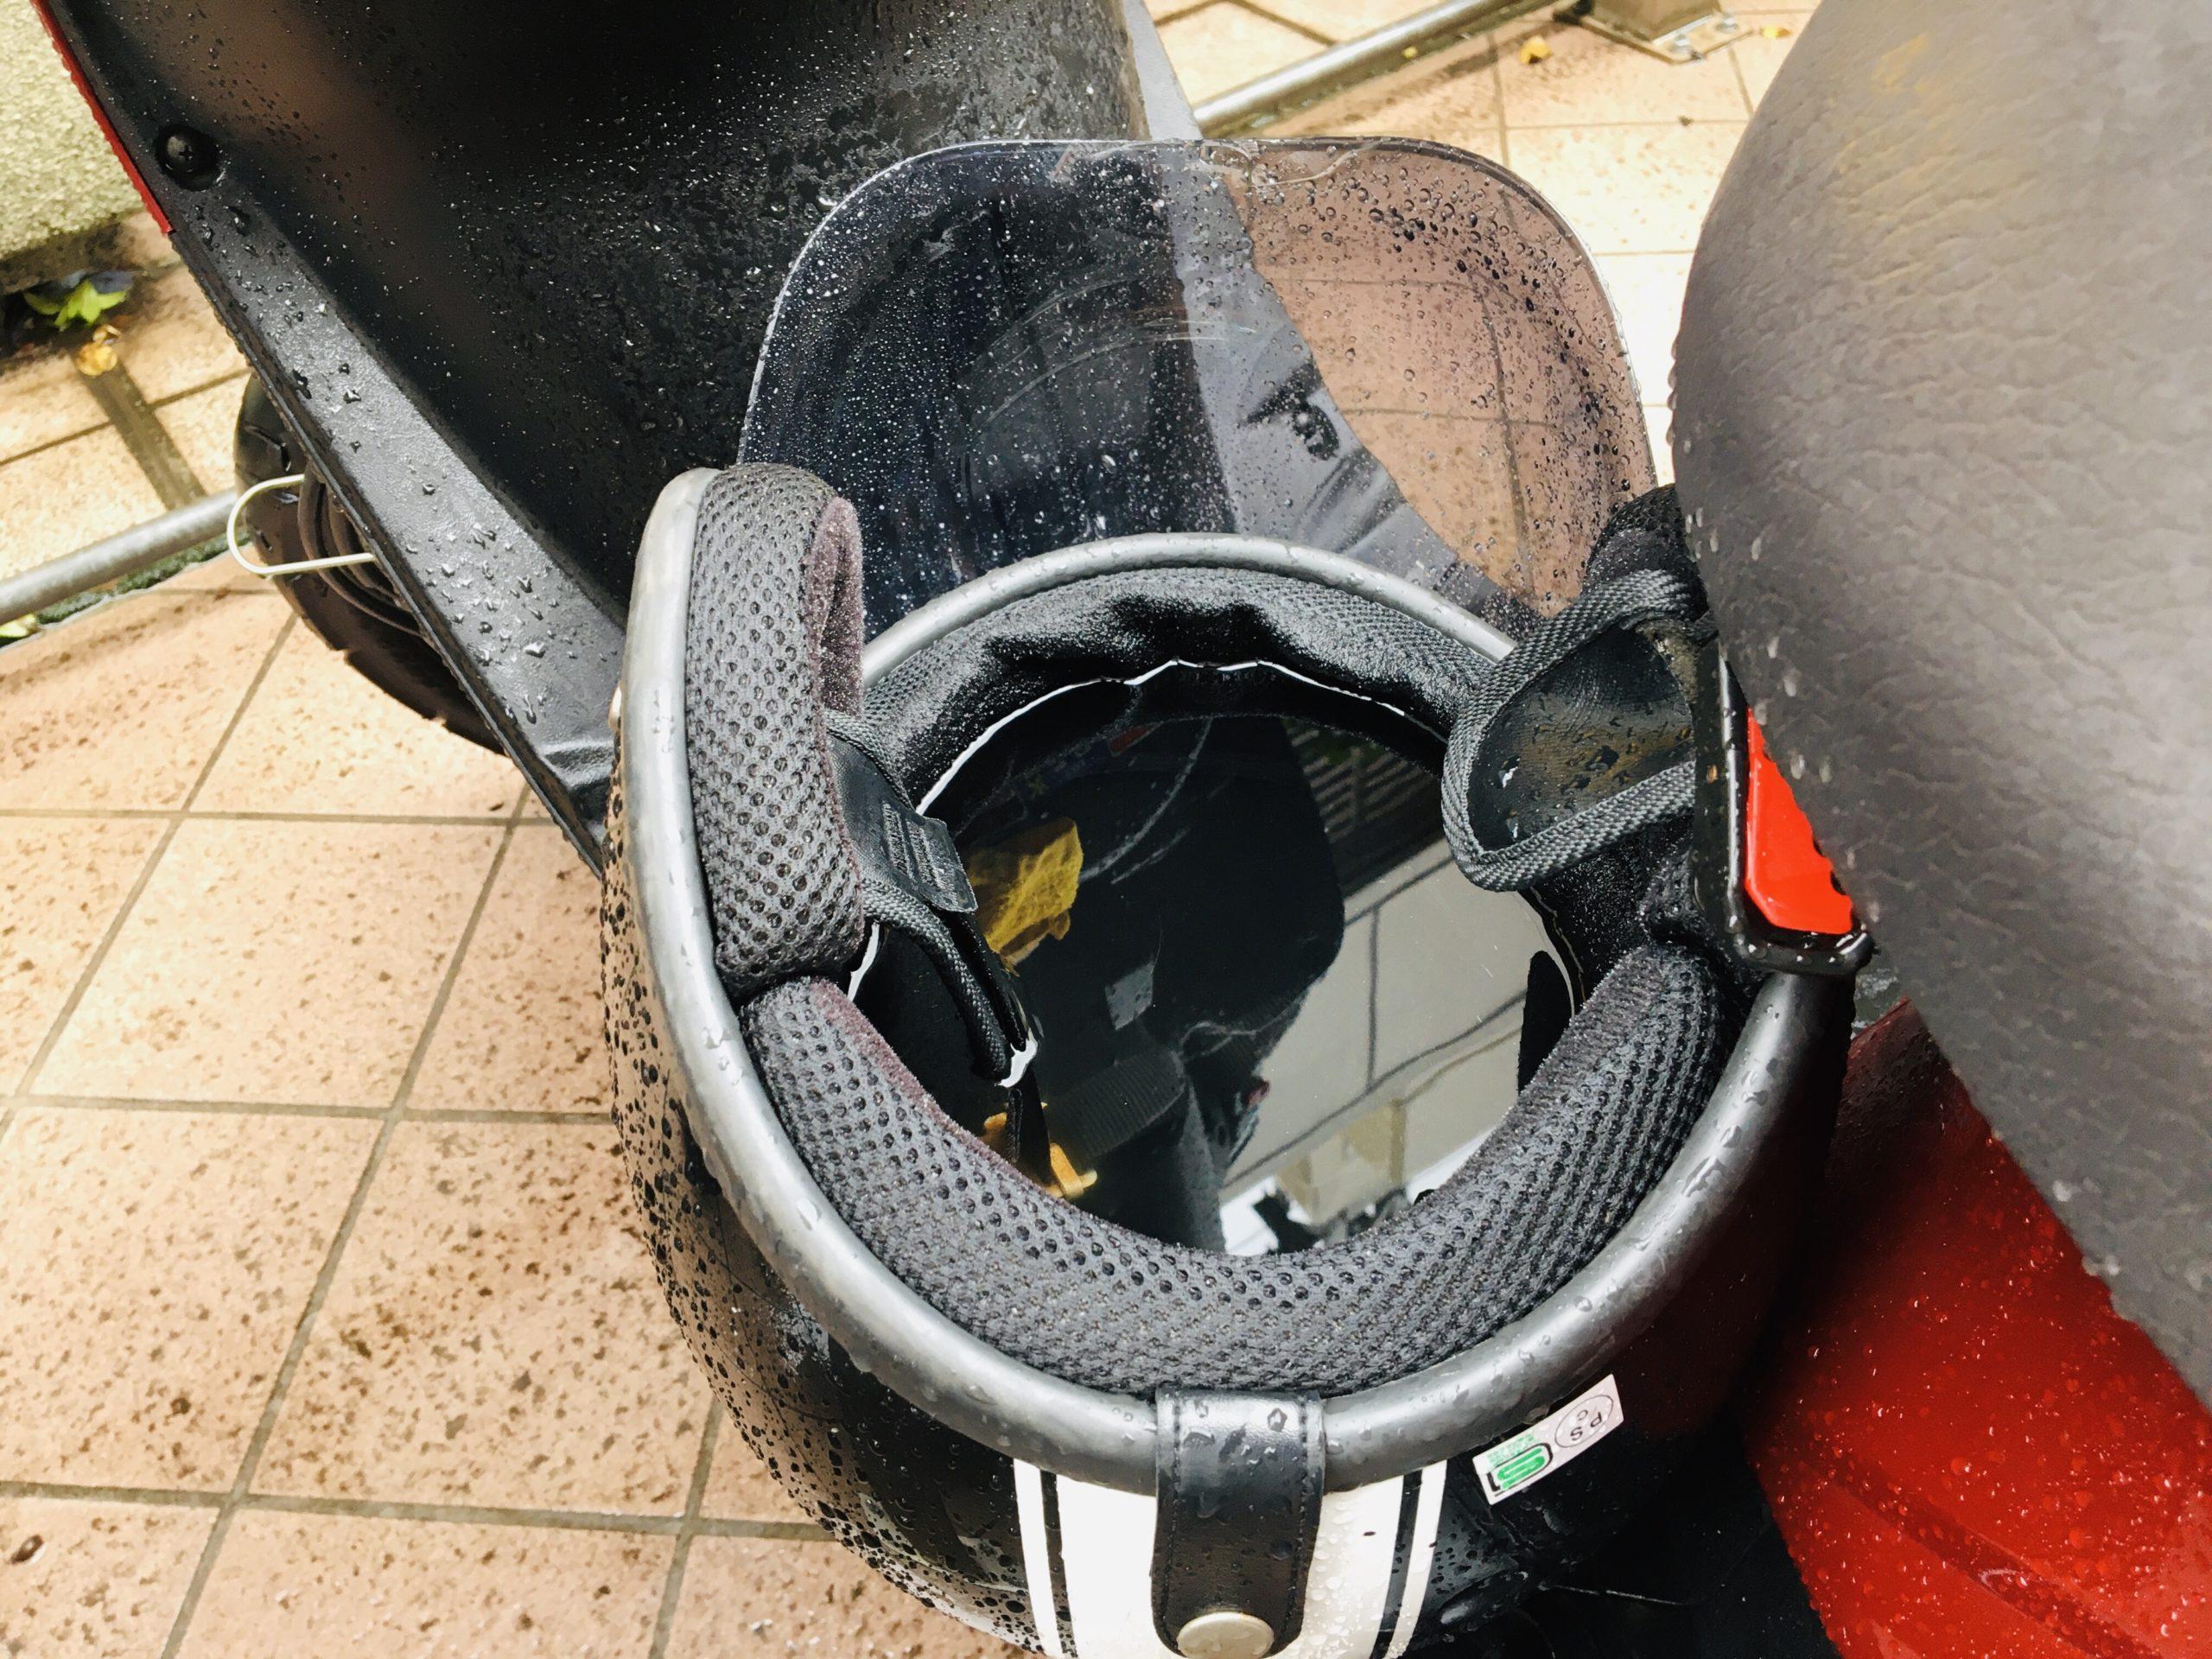 水が溜まってしまったヘルメットの写真